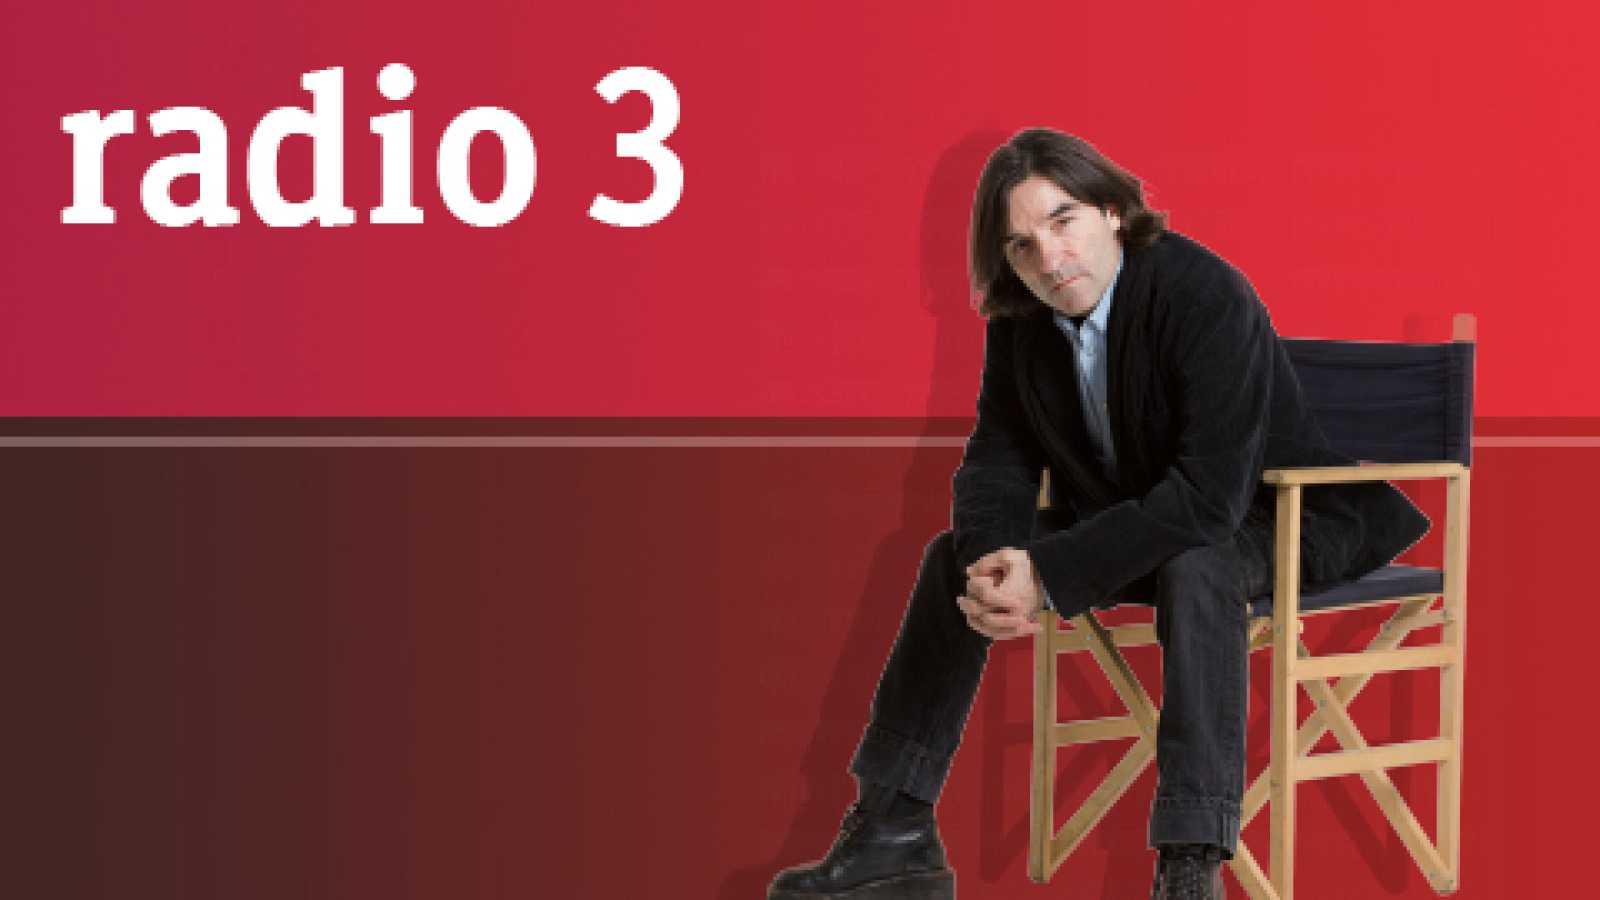 El séptimo vicio - En recuerdo de José María Riba - 30/12/20 - escuchar ahora